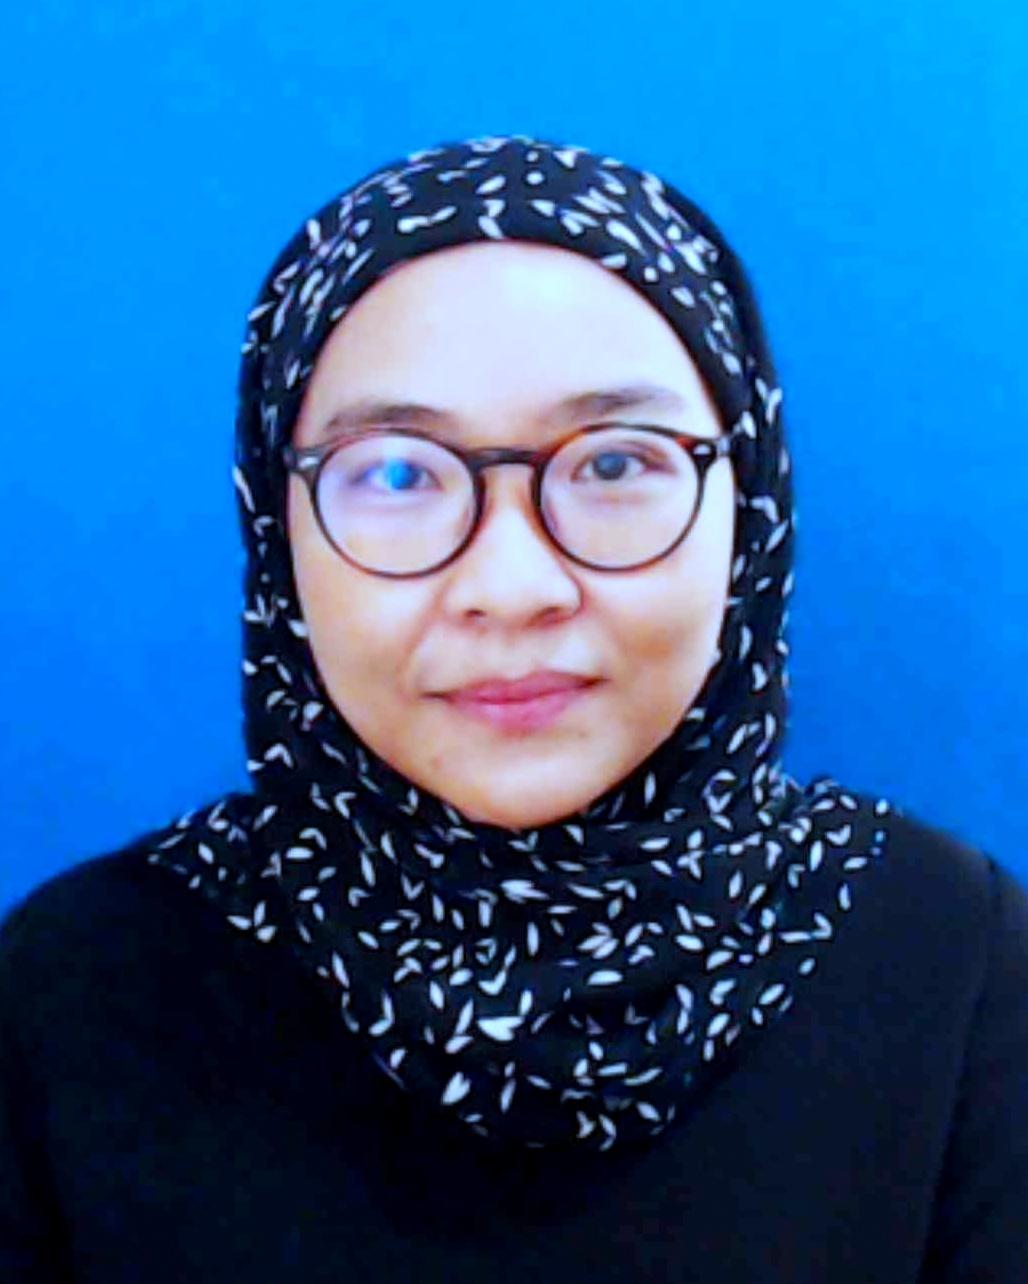 Izzati Nabilah Binti Ismail